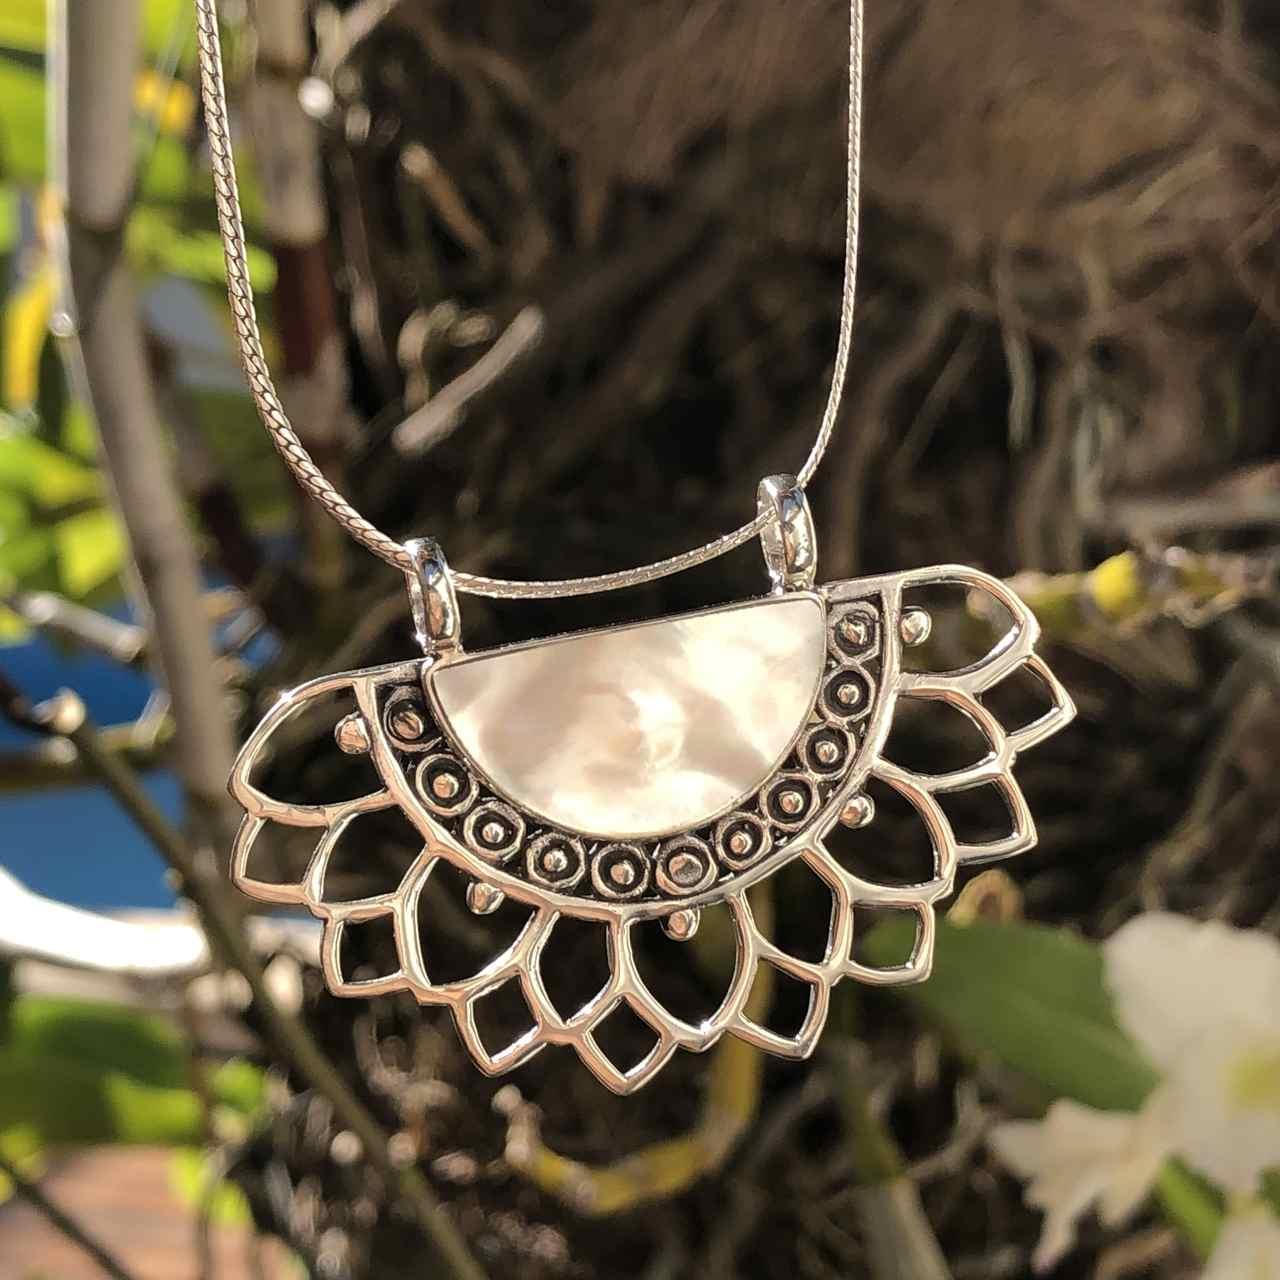 Pingente de Prata 925 Flor de Lótus Madrepérola